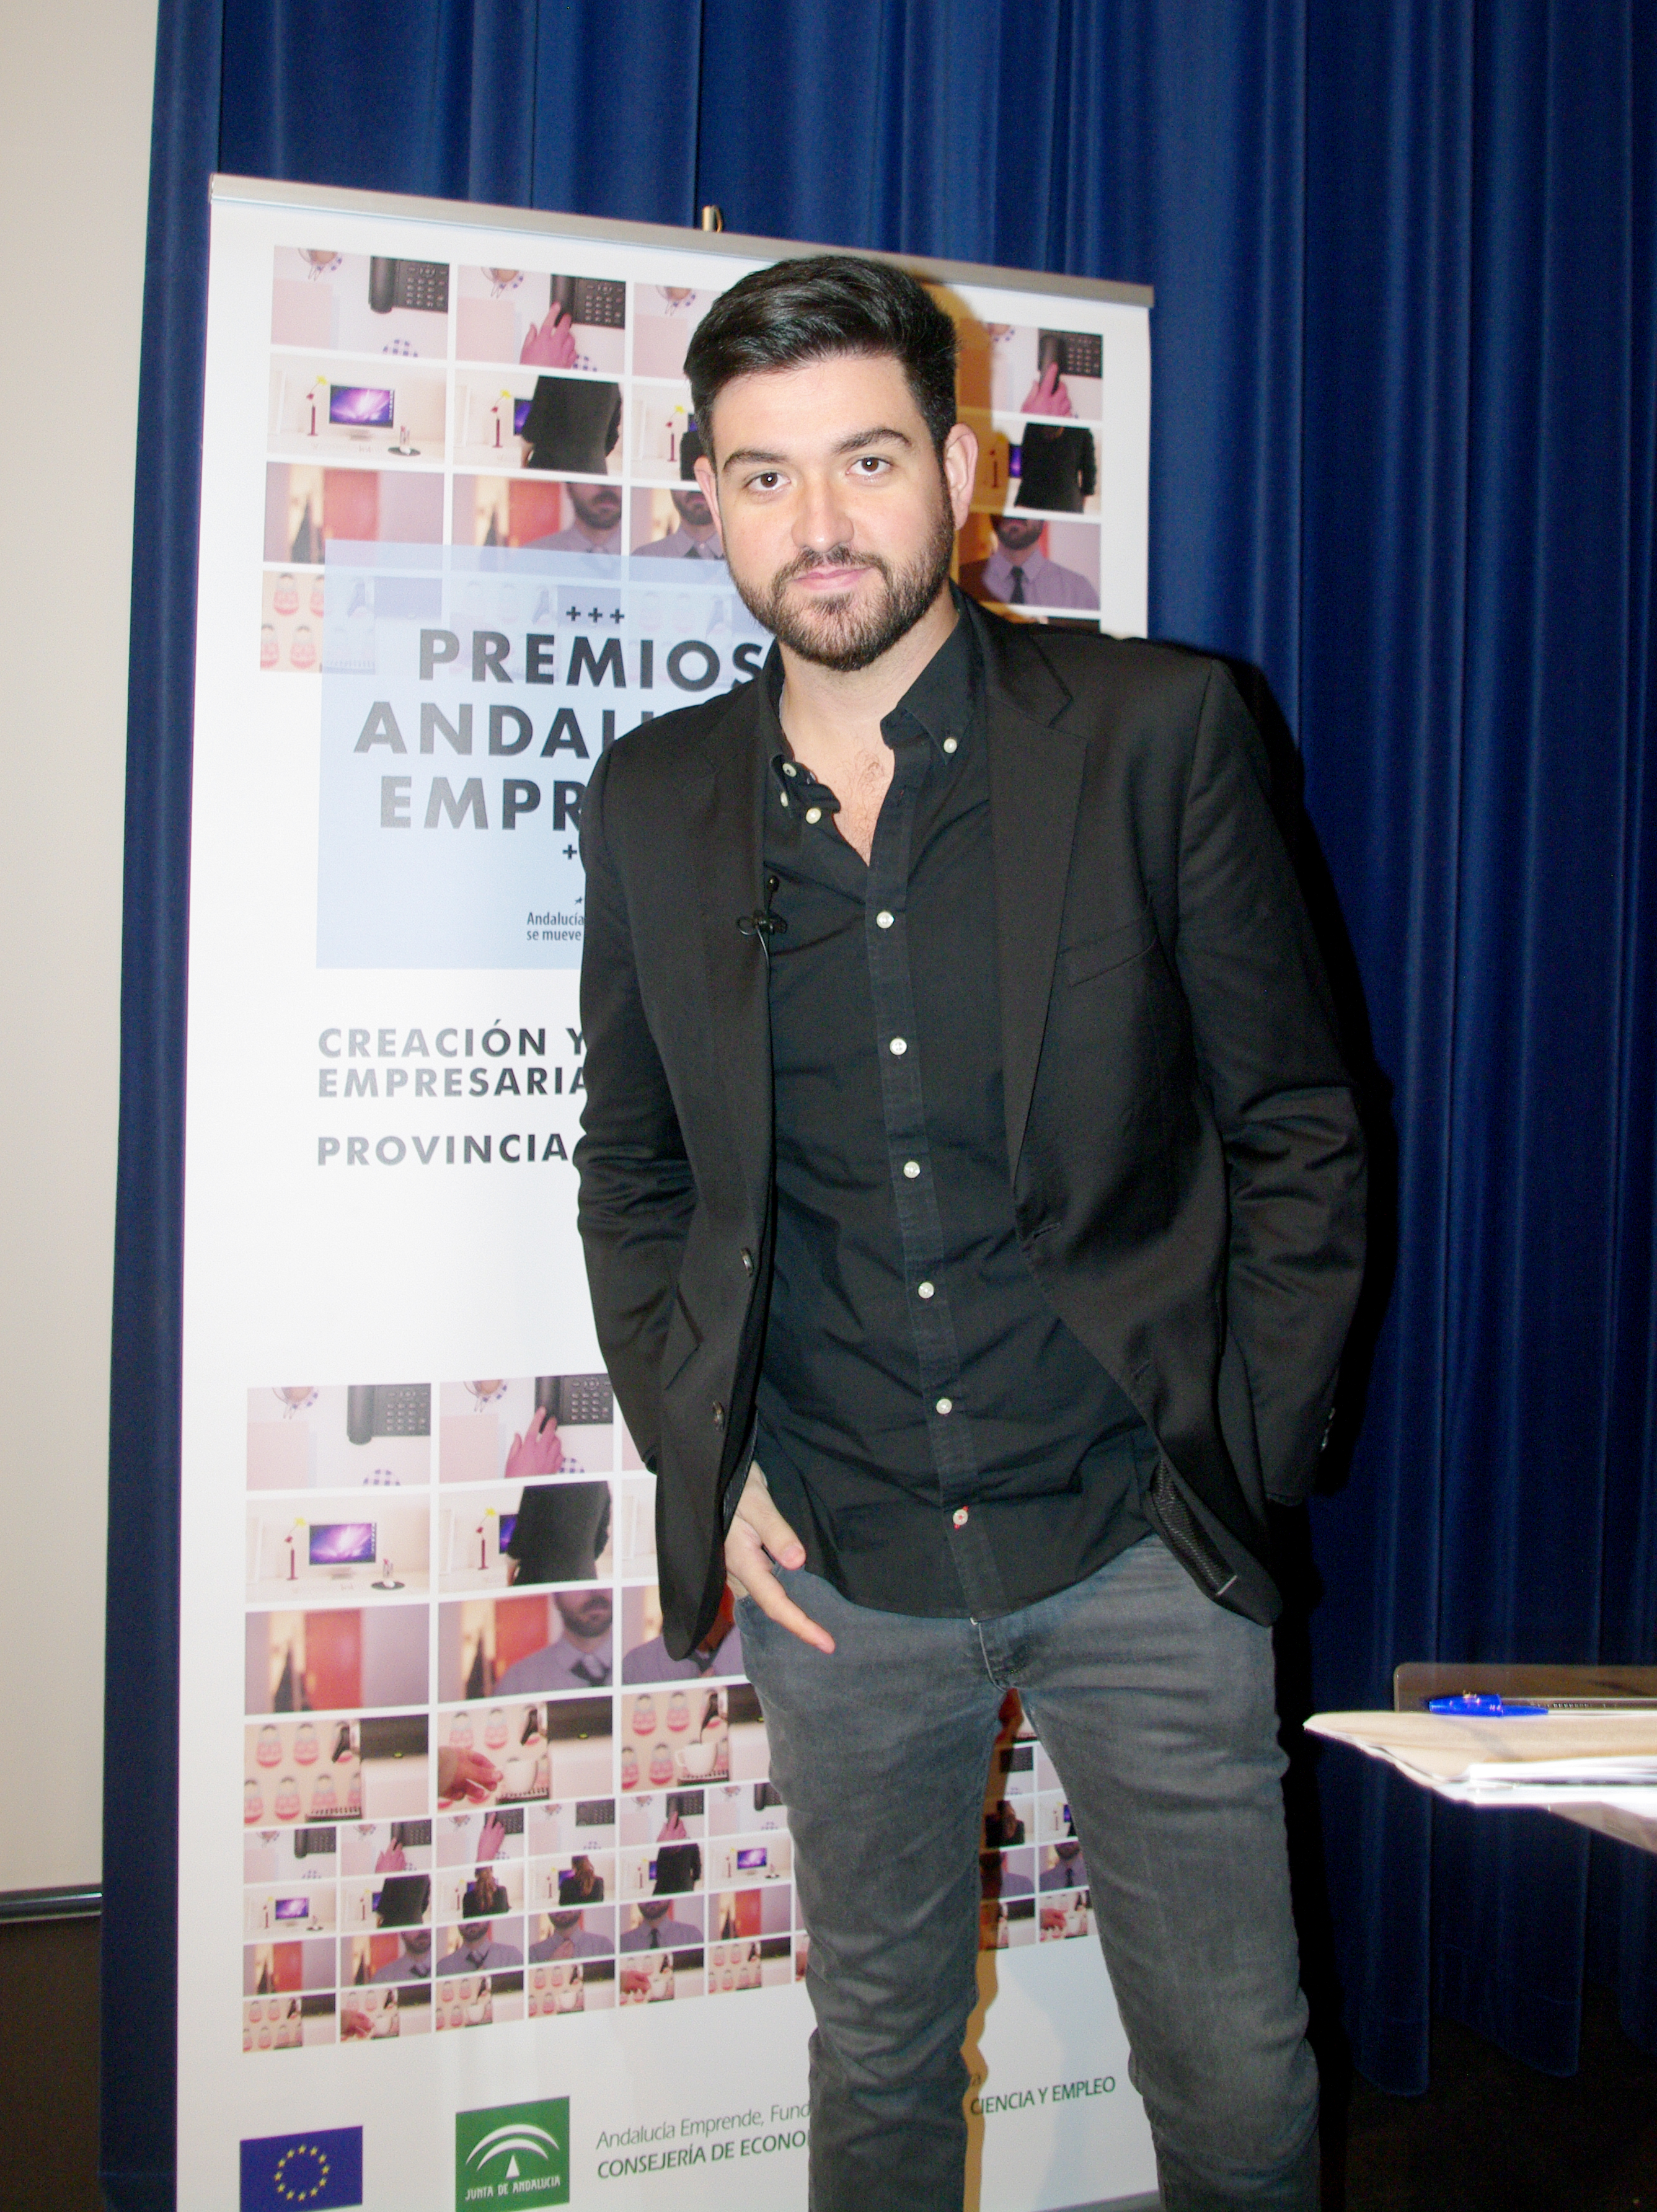 Manu Sánchez en el evento organziado por Agudiza el Ingenio para Andalucía Emprende